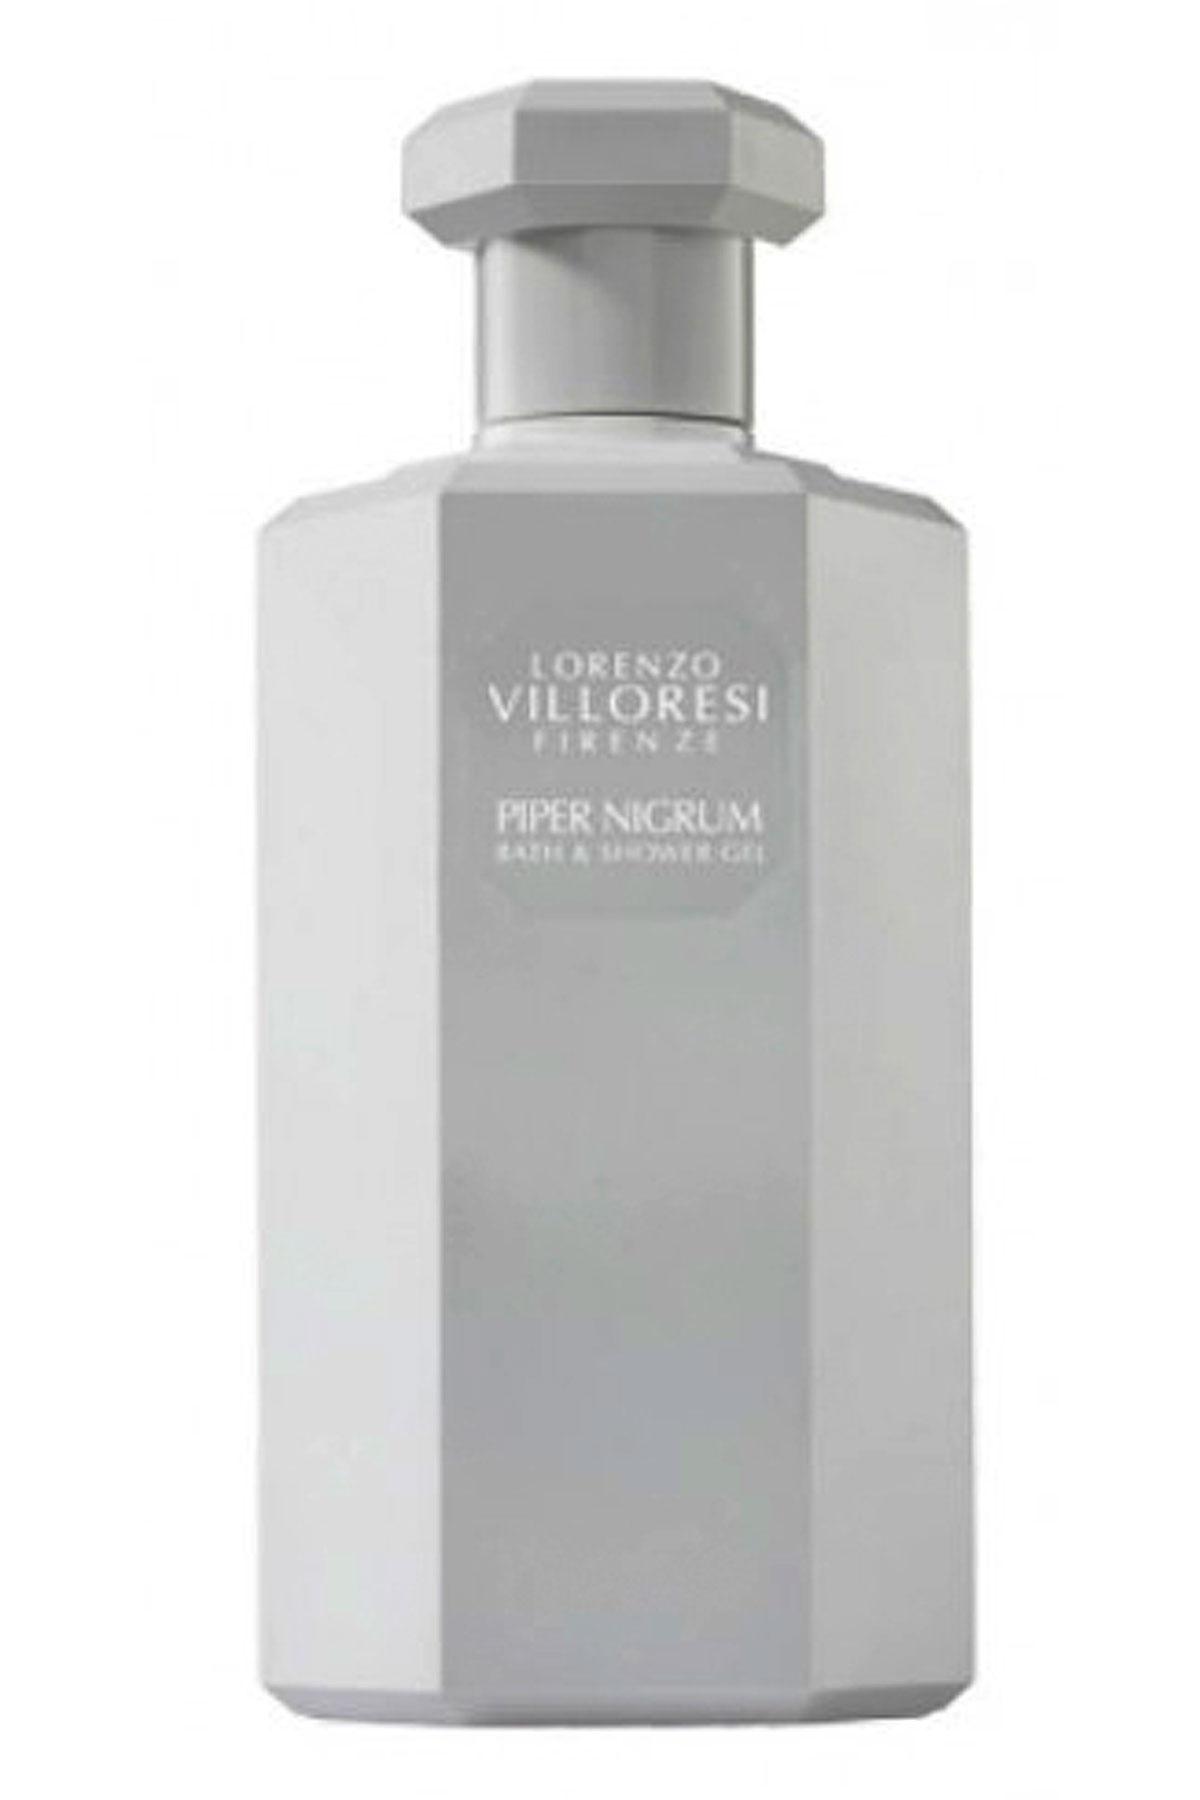 Lorenzo Villoresi Beauty for Women, Piper Nigrum - Bath And Shower Gel - 250 Ml, 2019, 250 ml